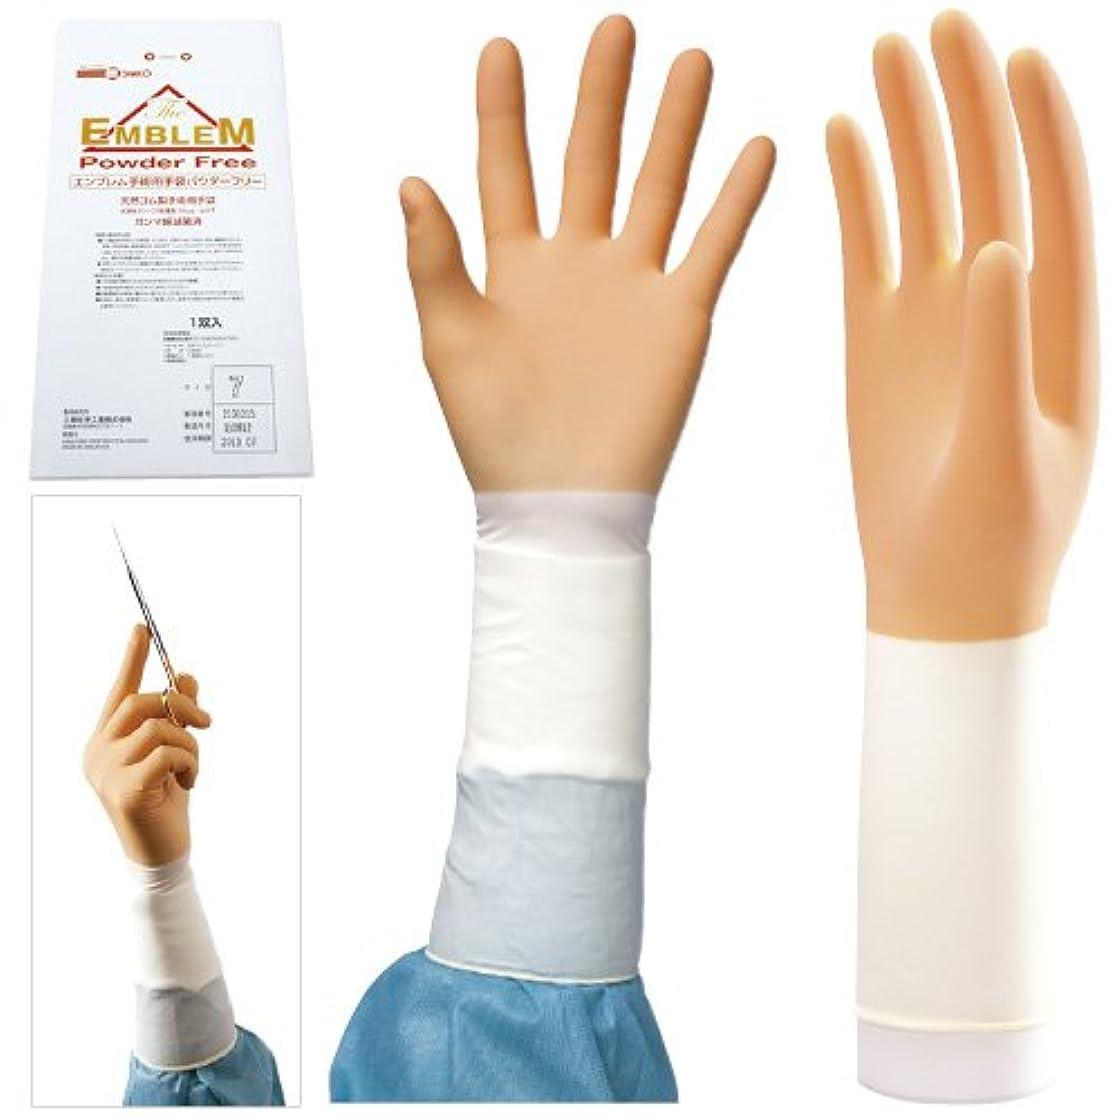 水っぽい句読点性的エンブレム手術用手袋 パウダーフリー NEW(20双入) 5.5